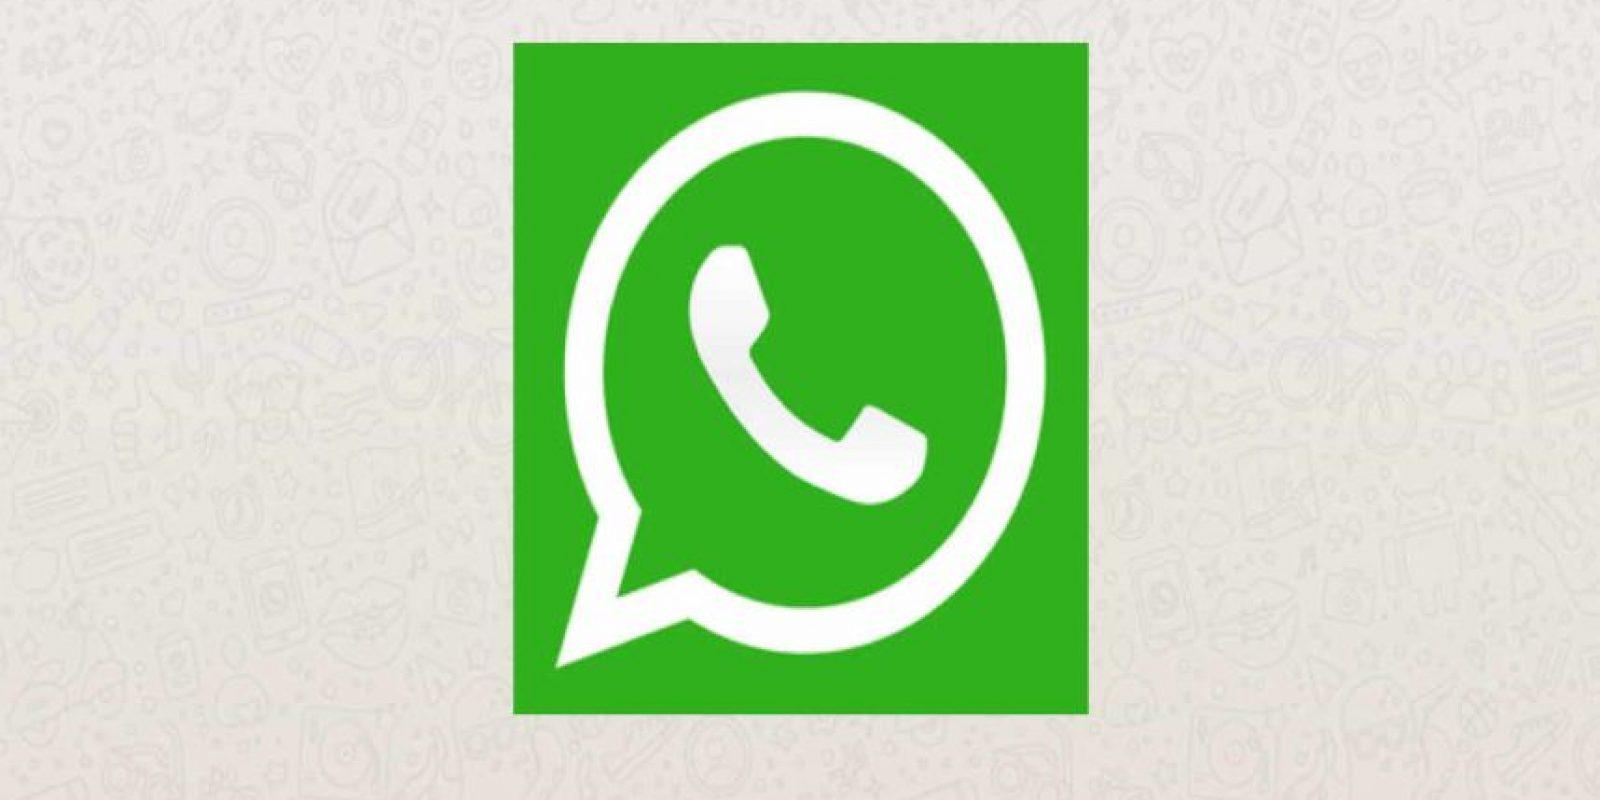 Sin embargo, cuando estos se reproducen, suele ser por el altoparlante del móvil. Foto:WhatsApp